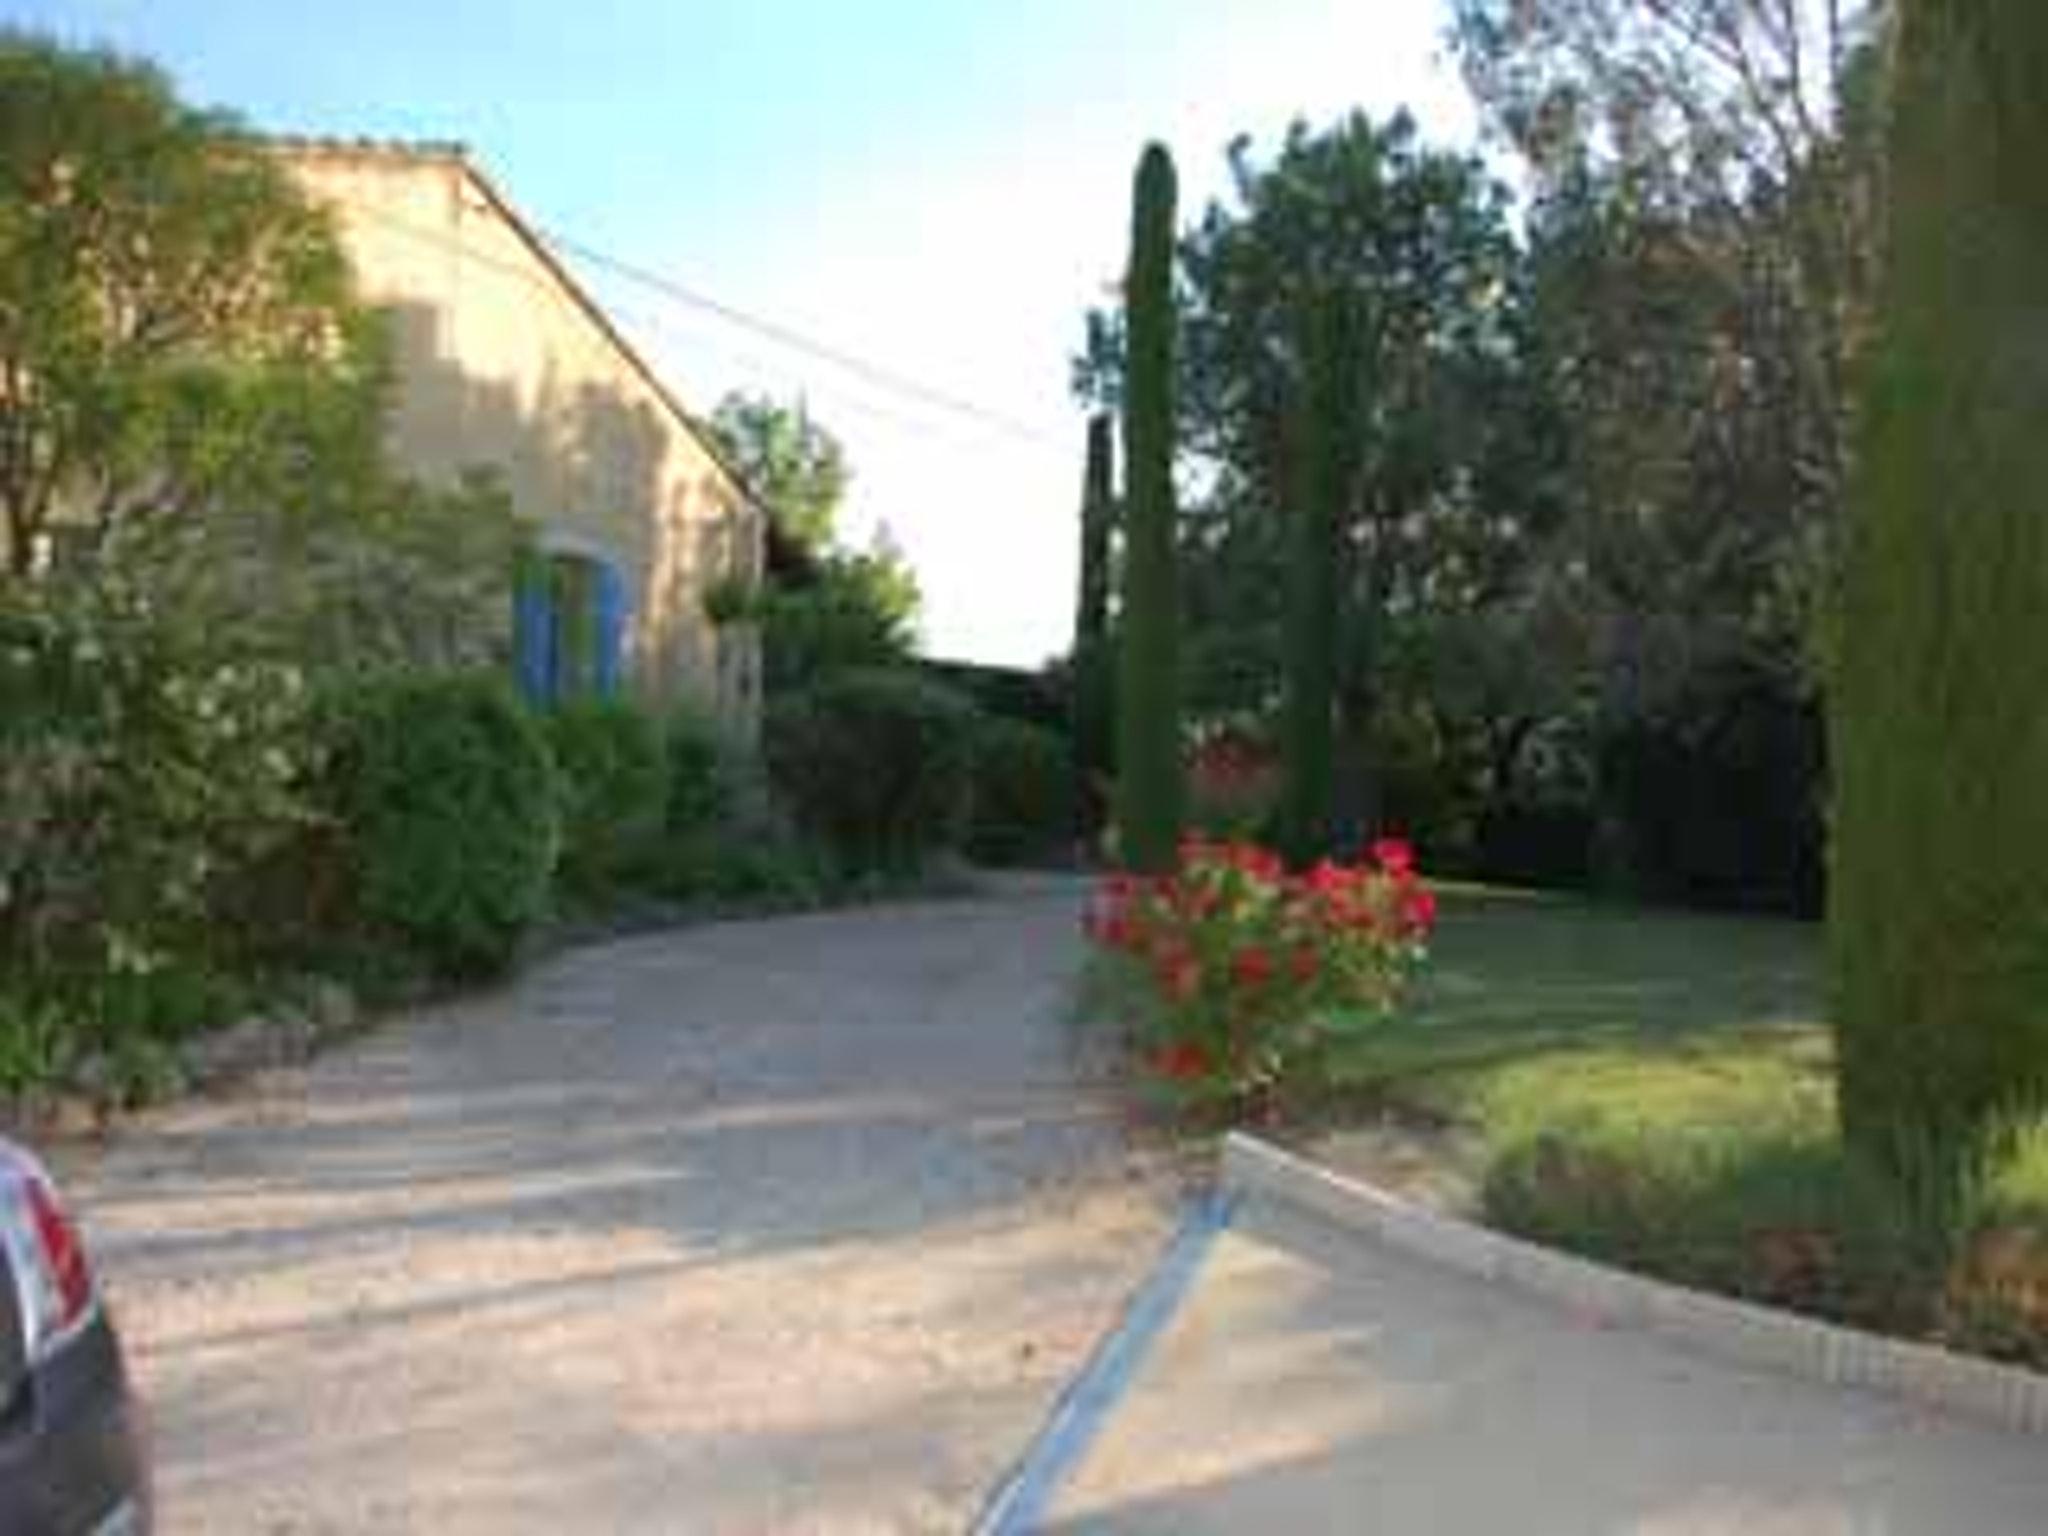 Ferienhaus Villa mit 4 Schlafzimmern in Pernes-les-Fontaines mit toller Aussicht auf die Berge, priva (2519446), Pernes les Fontaines, Saône-et-Loire, Burgund, Frankreich, Bild 19